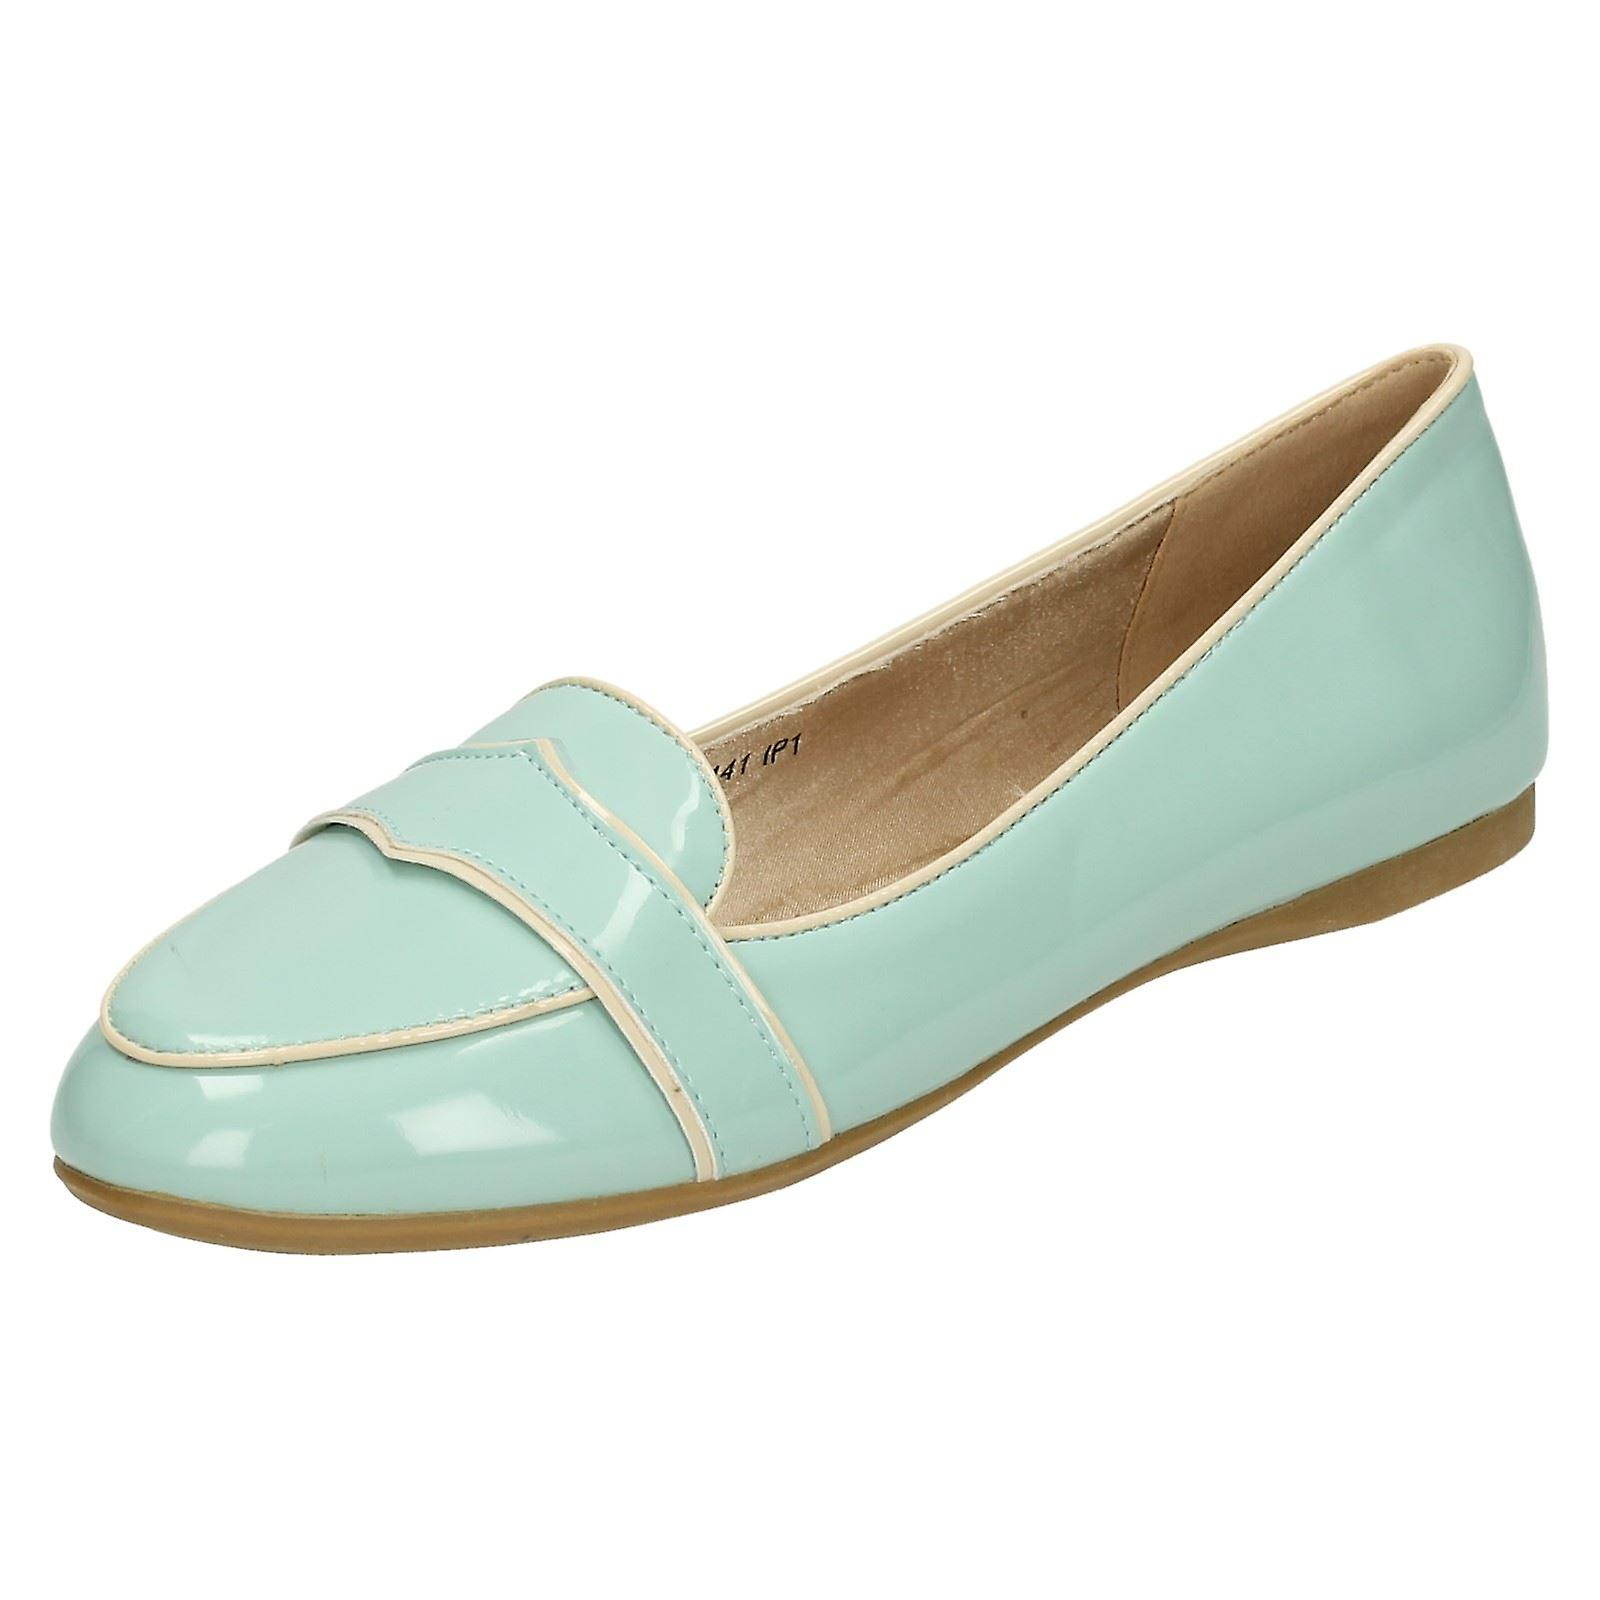 Ladies Spot su brevetto scarpe piatte Casual F80141 | Regalo ideale per tutte le occasioni  | Uomini/Donne Scarpa